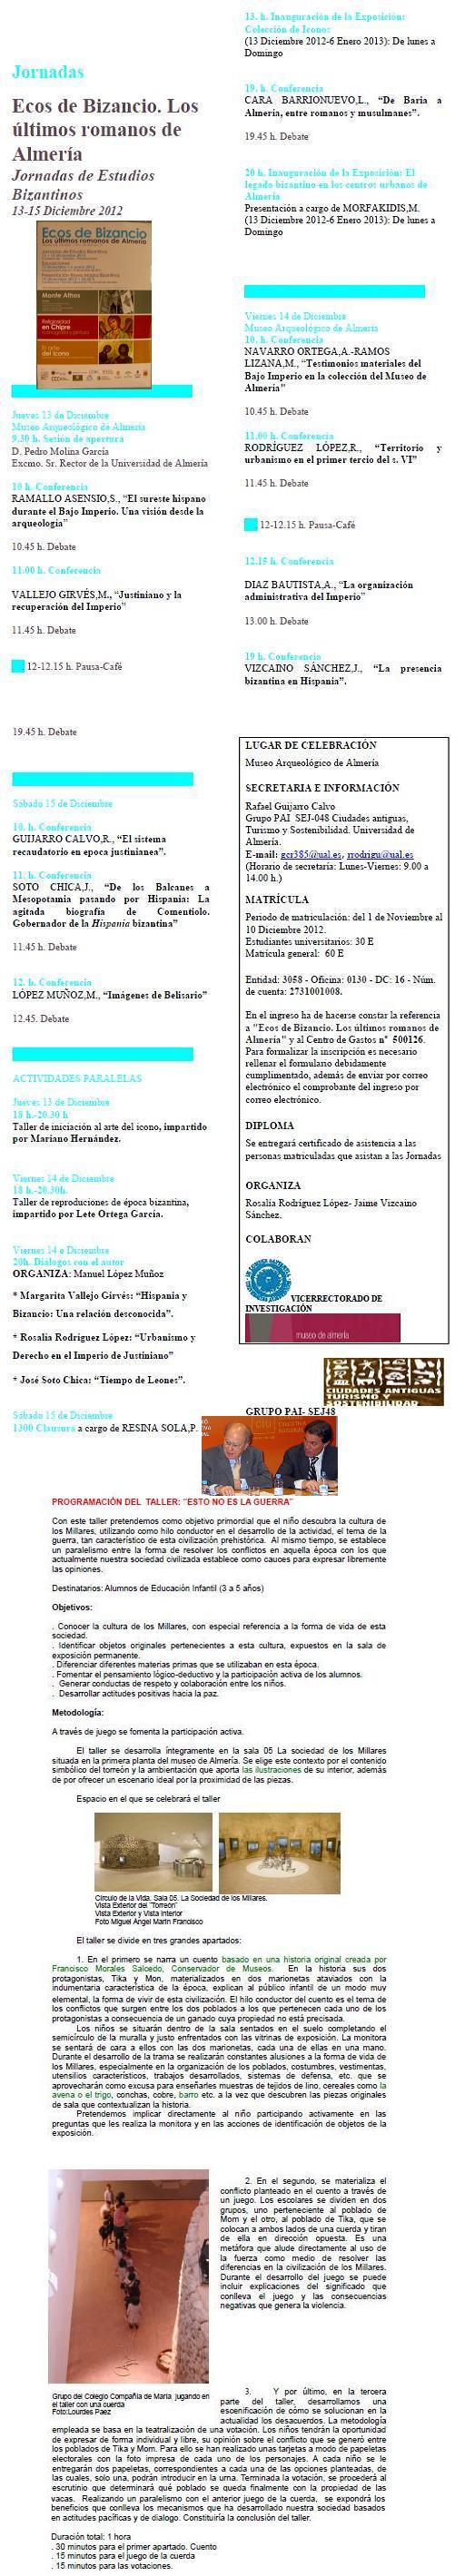 20121216090041-triptico-ecos-bizantinos.jpg